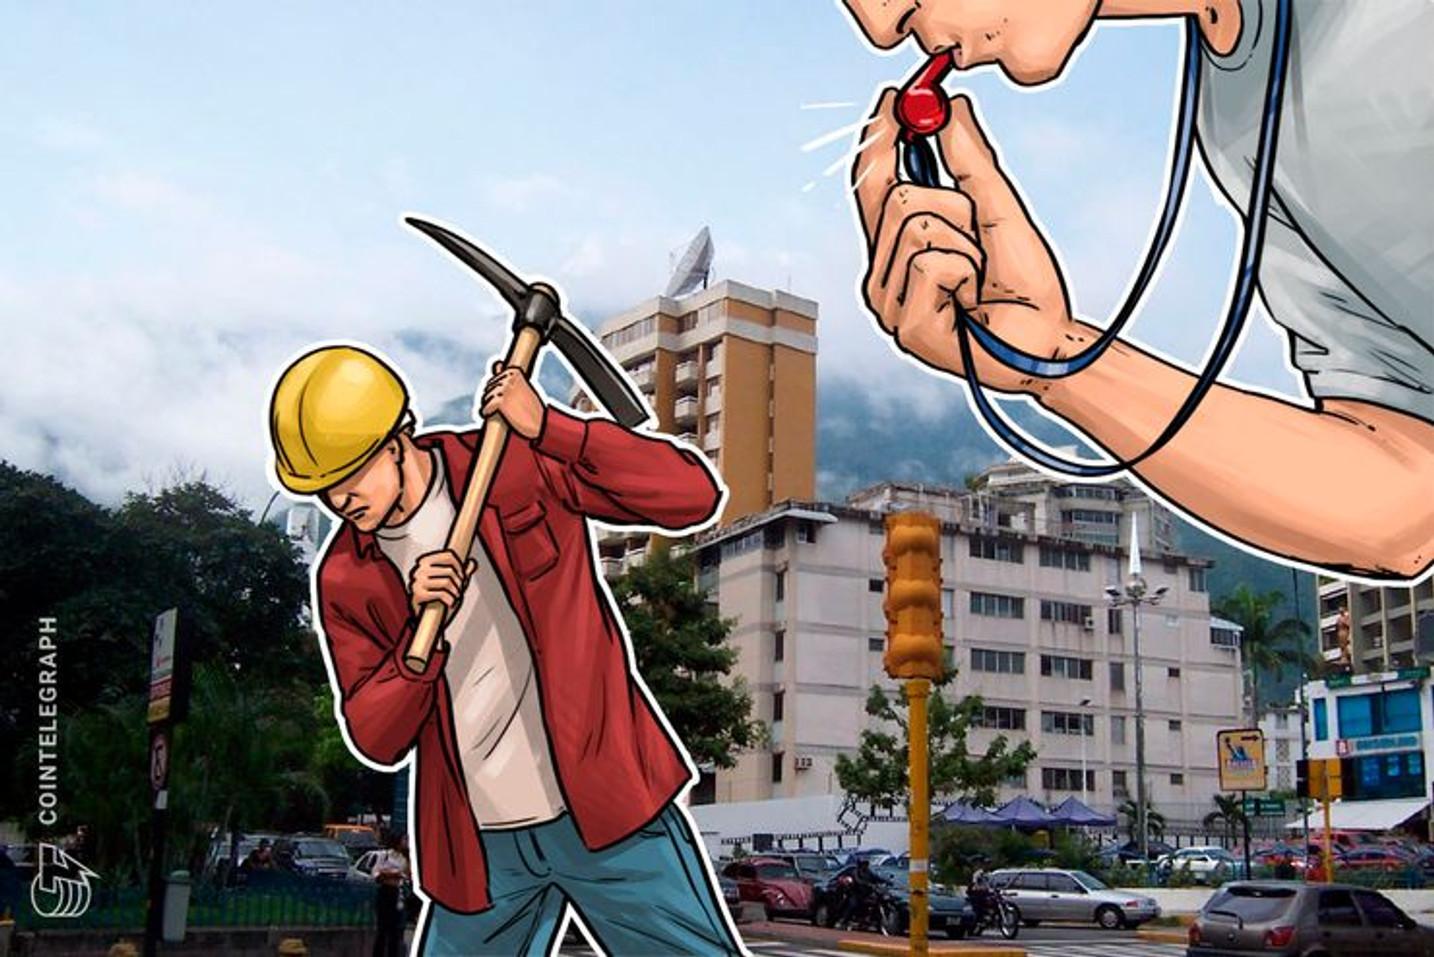 Anthony Pompliano: El gobierno de Venezuela admitirá que tiene instalaciones de minería de Bitcoin